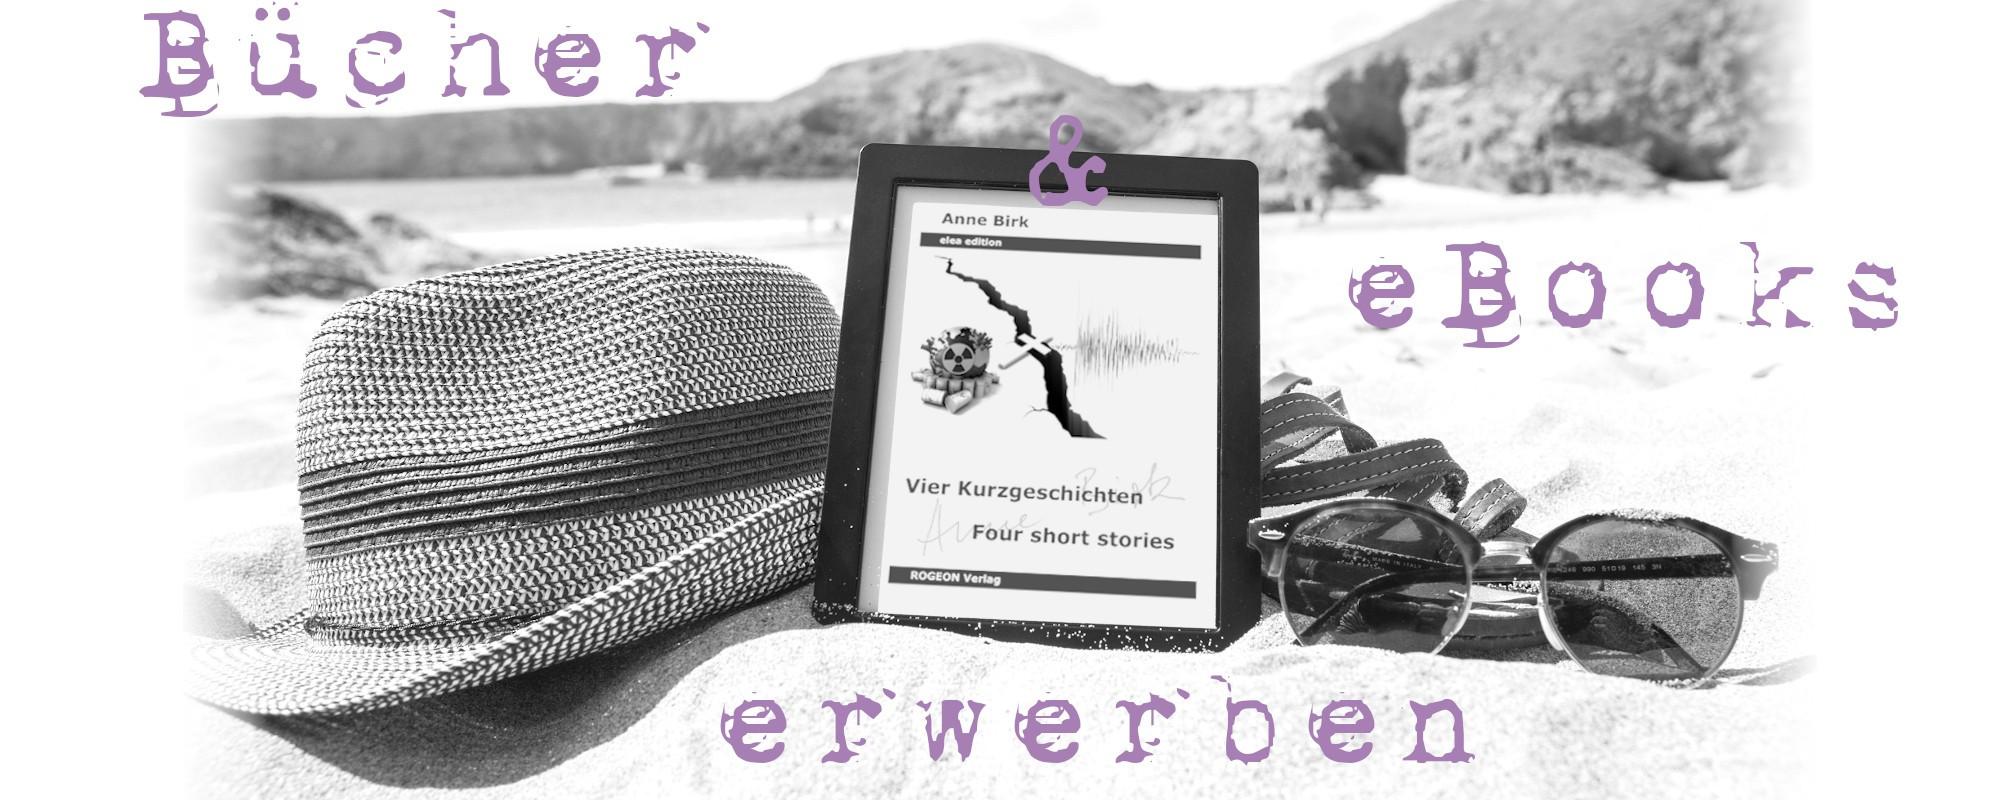 Anne-Birk-Schriftstellerin-Autorin-Buecher-eBooks-kaufen-erwerben-bestellen